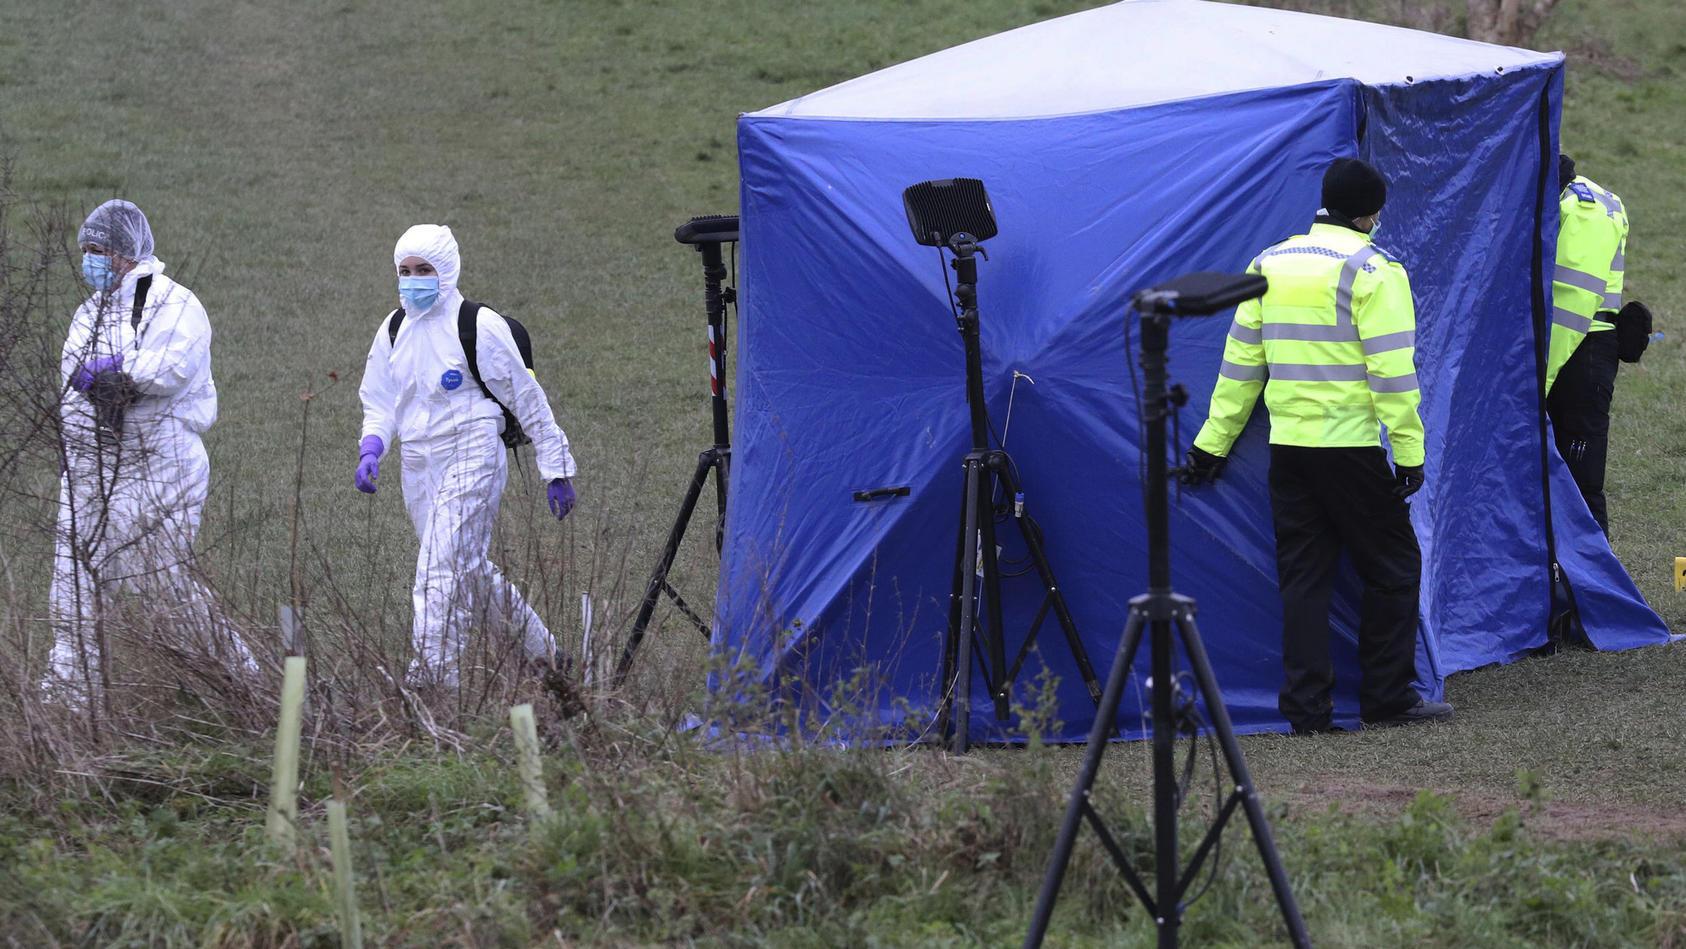 Das Verbrechen ereignete sich im Januar in einem Park in der 220.000-Einwohner-Stadt östlich von London in der Grafschaft Berkshire.